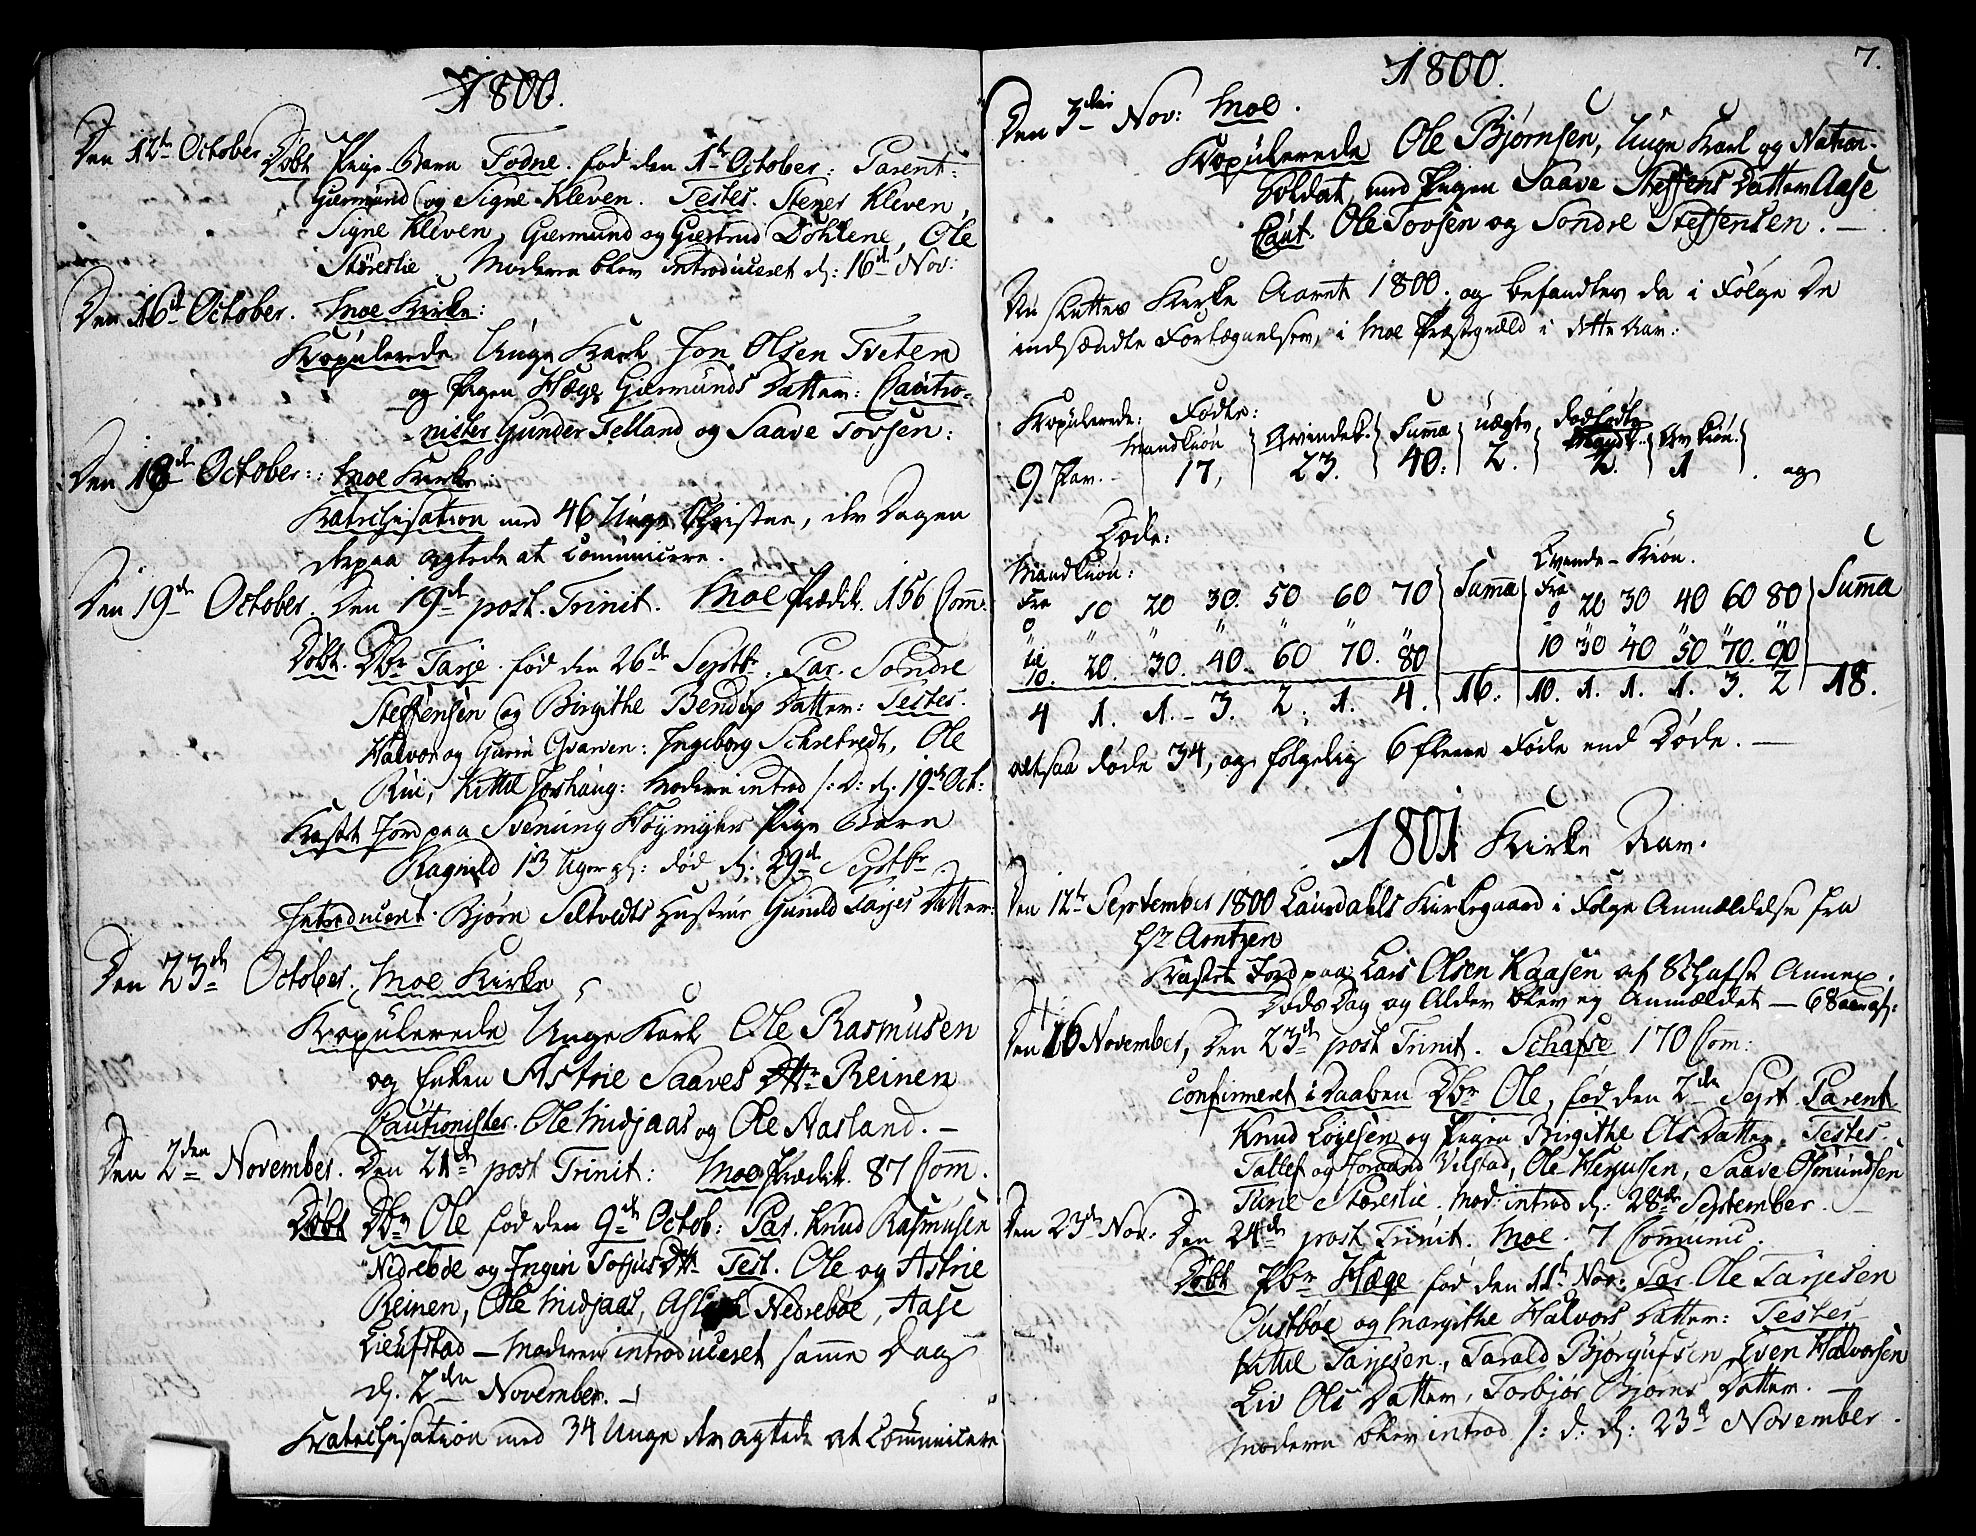 SAKO, Mo kirkebøker, F/Fa/L0003: Ministerialbok nr. I 3, 1800-1814, s. 7